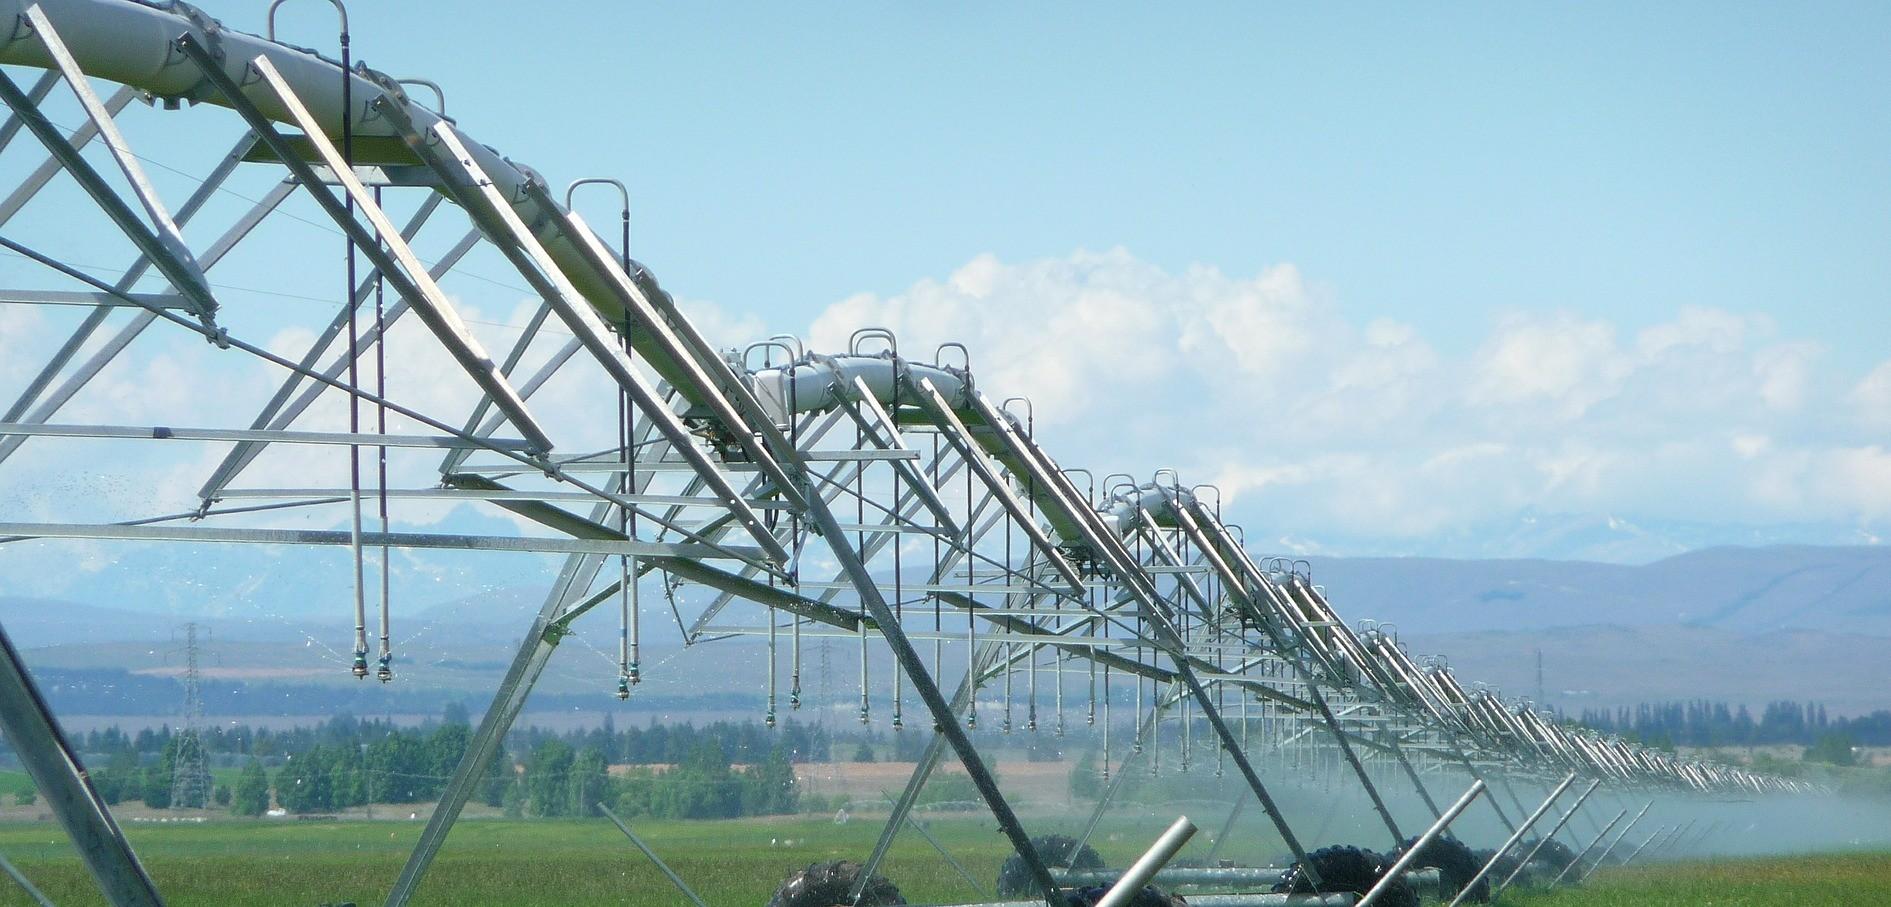 irrigation-403371_1920